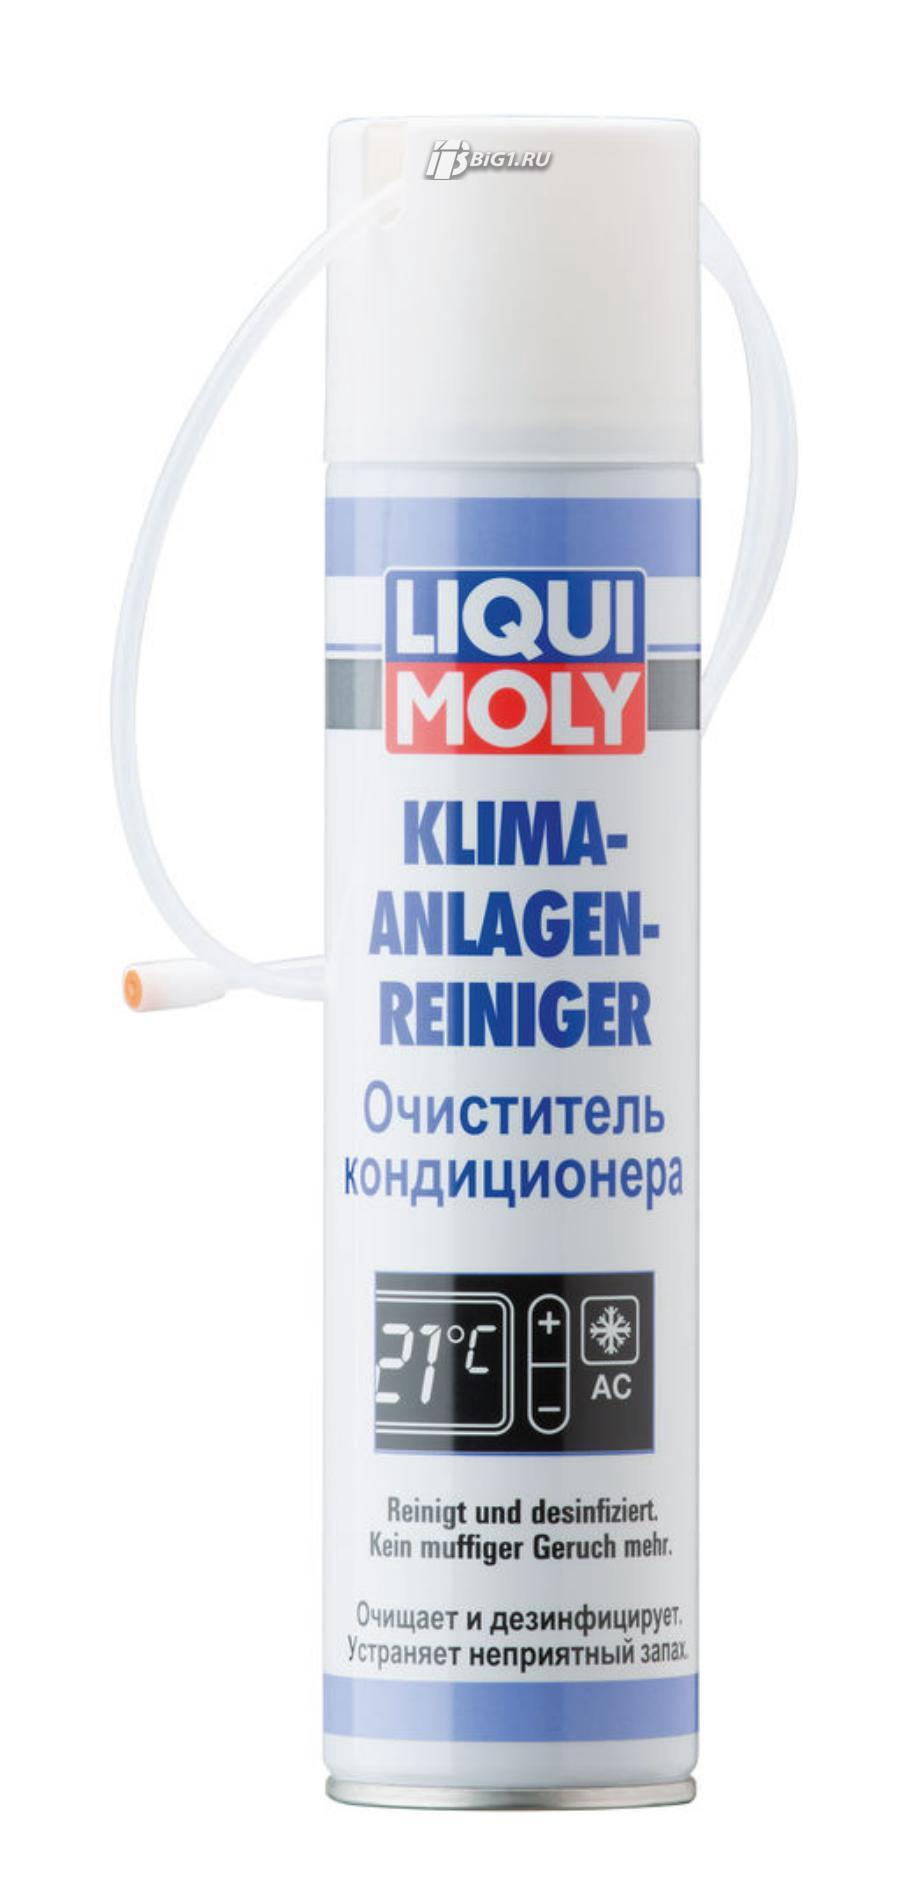 Очиститель кондиционера Klima-Anlagen-Reiniger